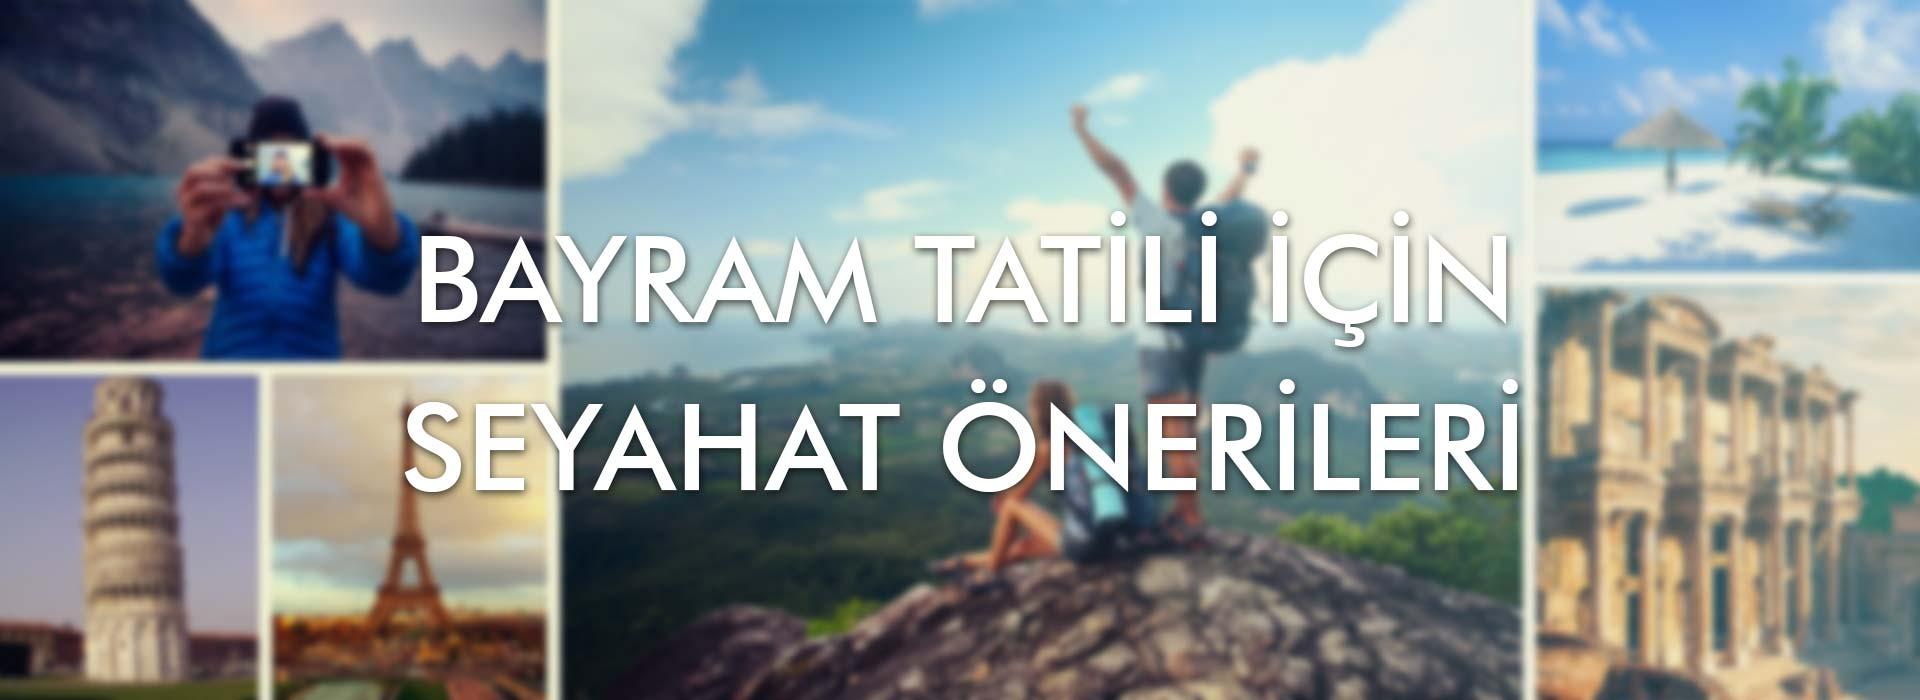 Antalya Tatil Önerisi